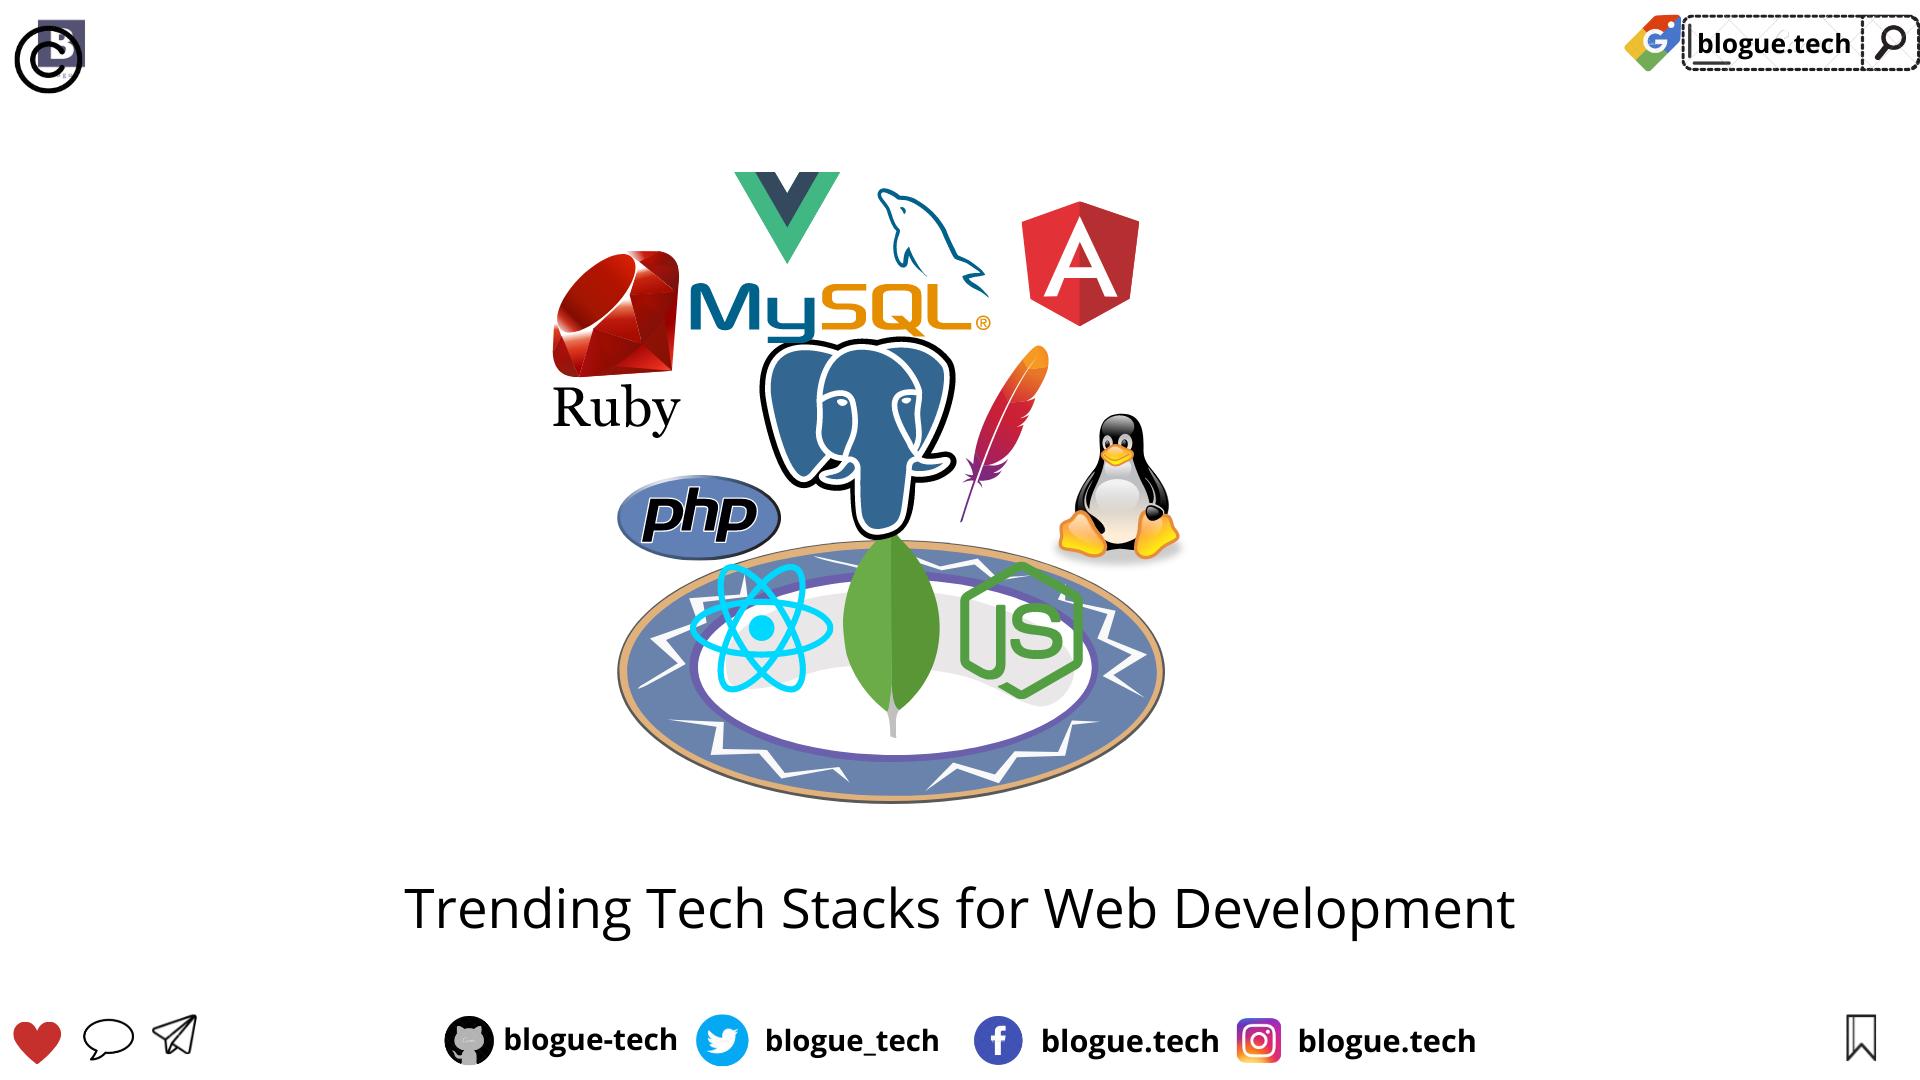 Trending Tech Stacks for Web Development